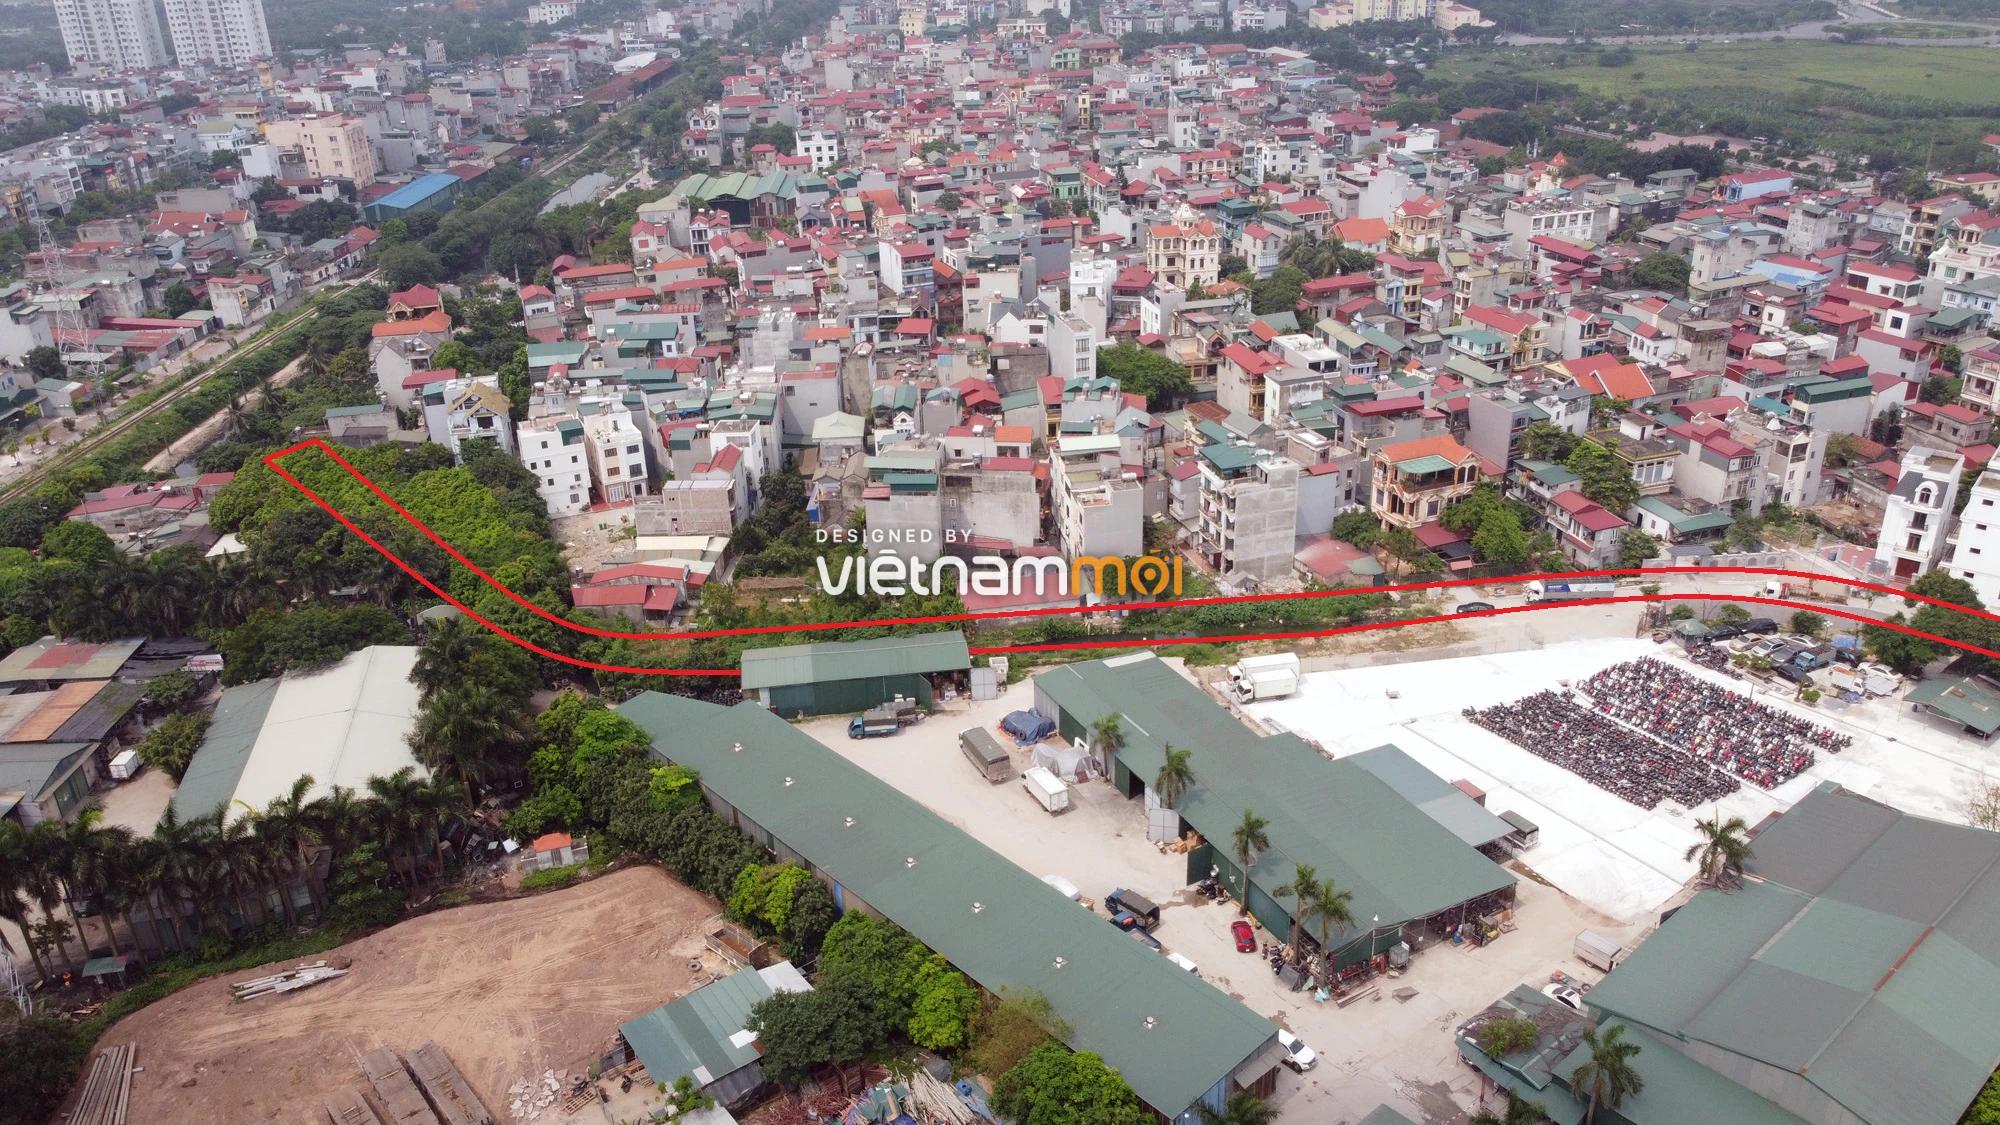 Những khu đất sắp thu hồi để mở đường ở phường Thượng Thanh, Long Biên, Hà Nội (phần 3) - Ảnh 5.